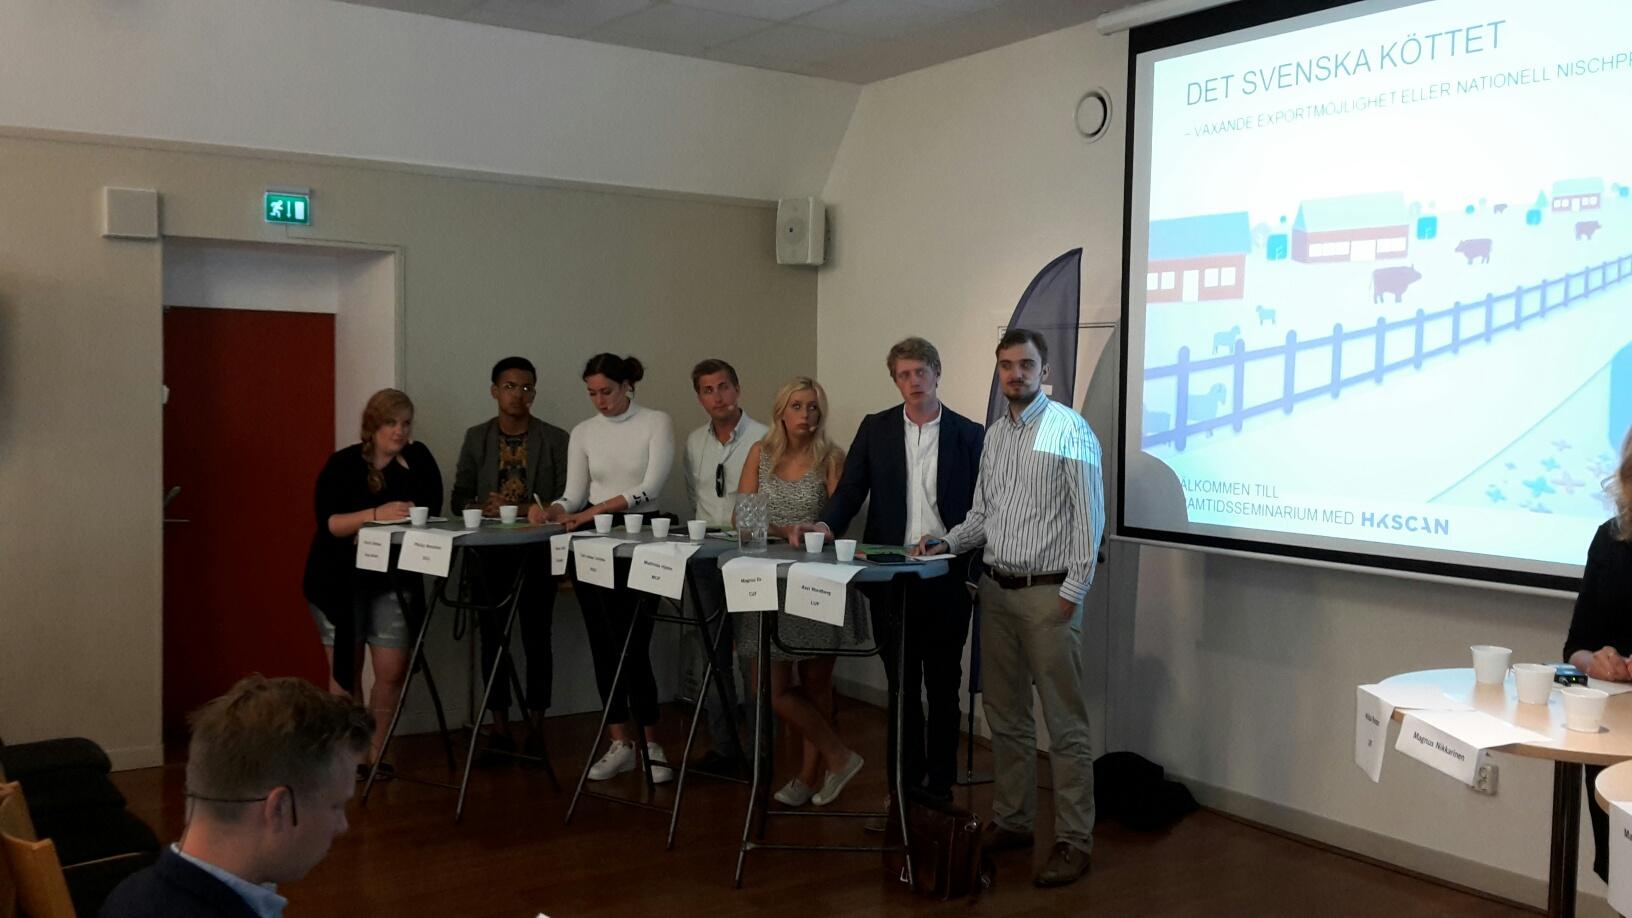 Seminarium_Almed_podium